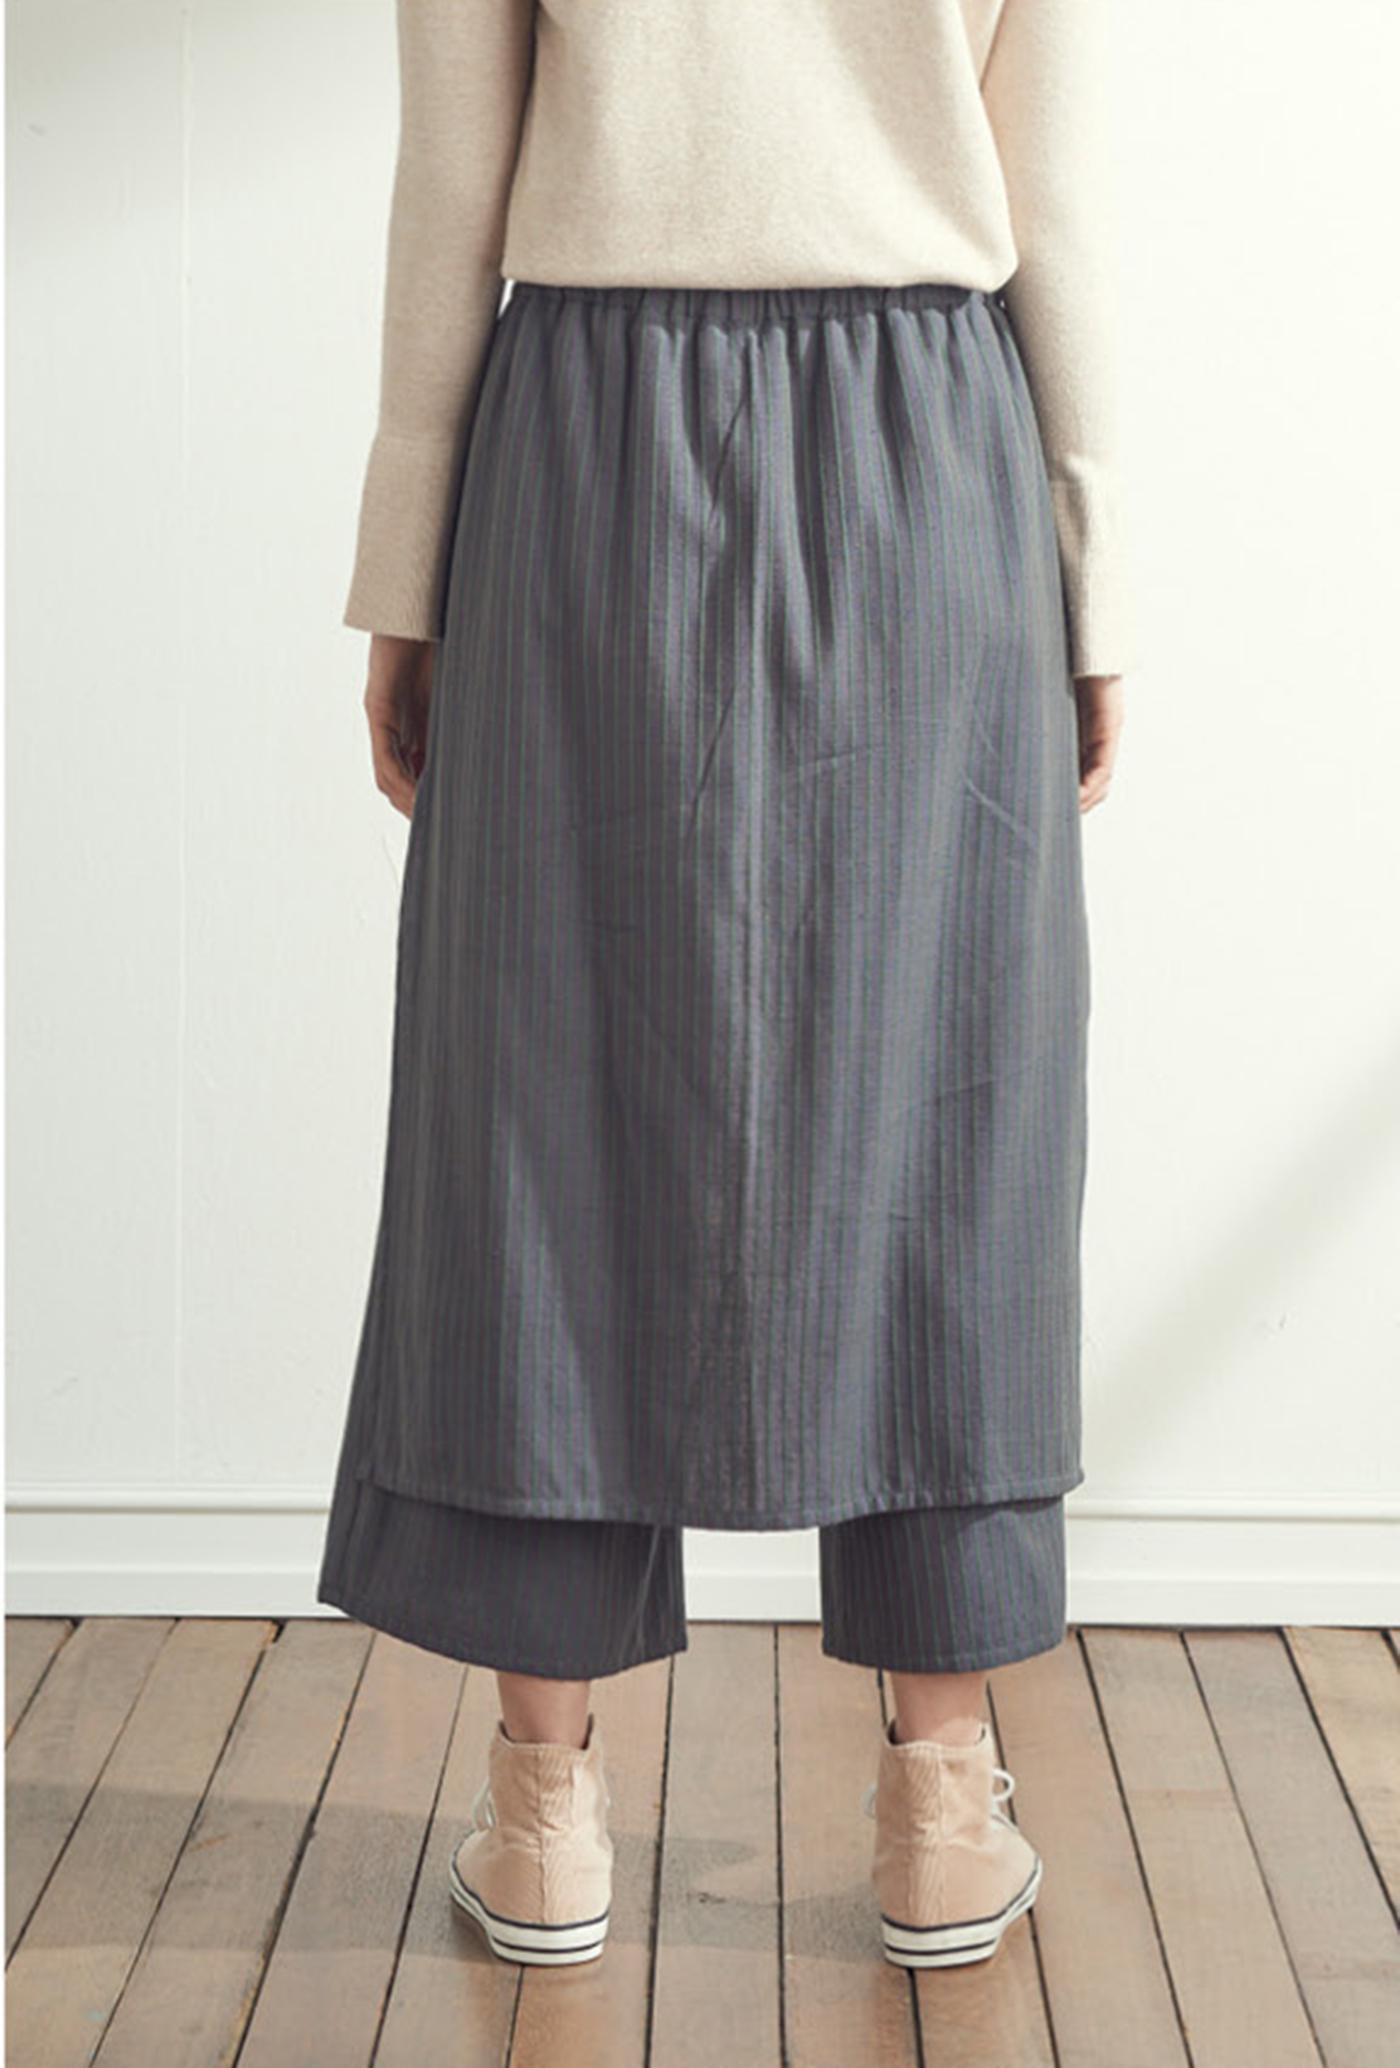 솔 백 랩 팬츠(Sol Back Wrap Pants) 상세이미지6